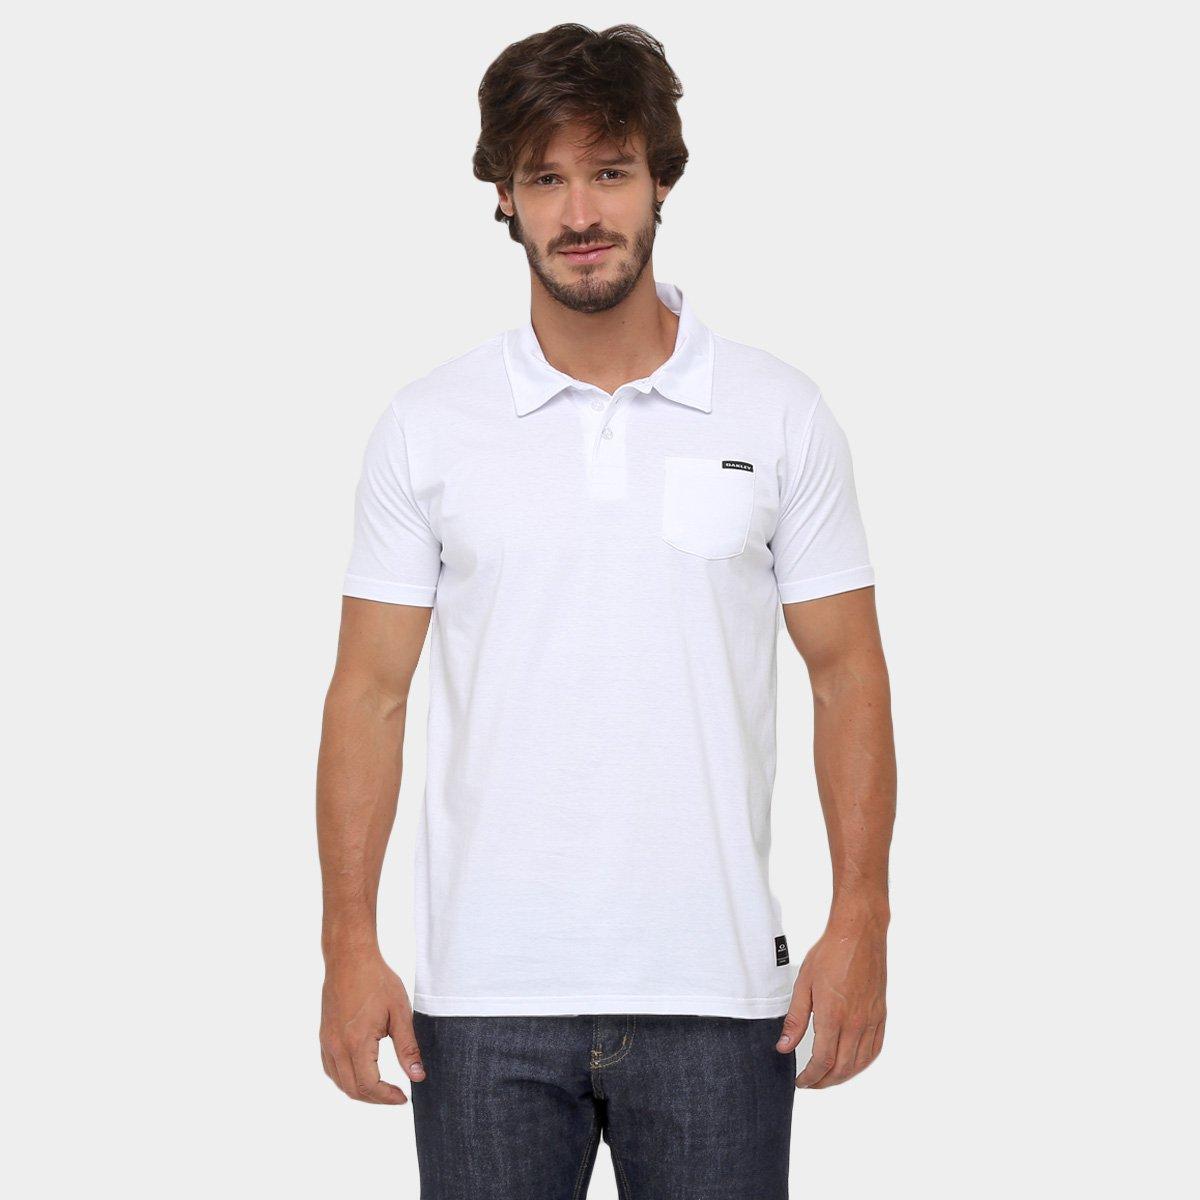 b5e38018f Camisa Polo Oakley Essential Pocket - Compre Agora